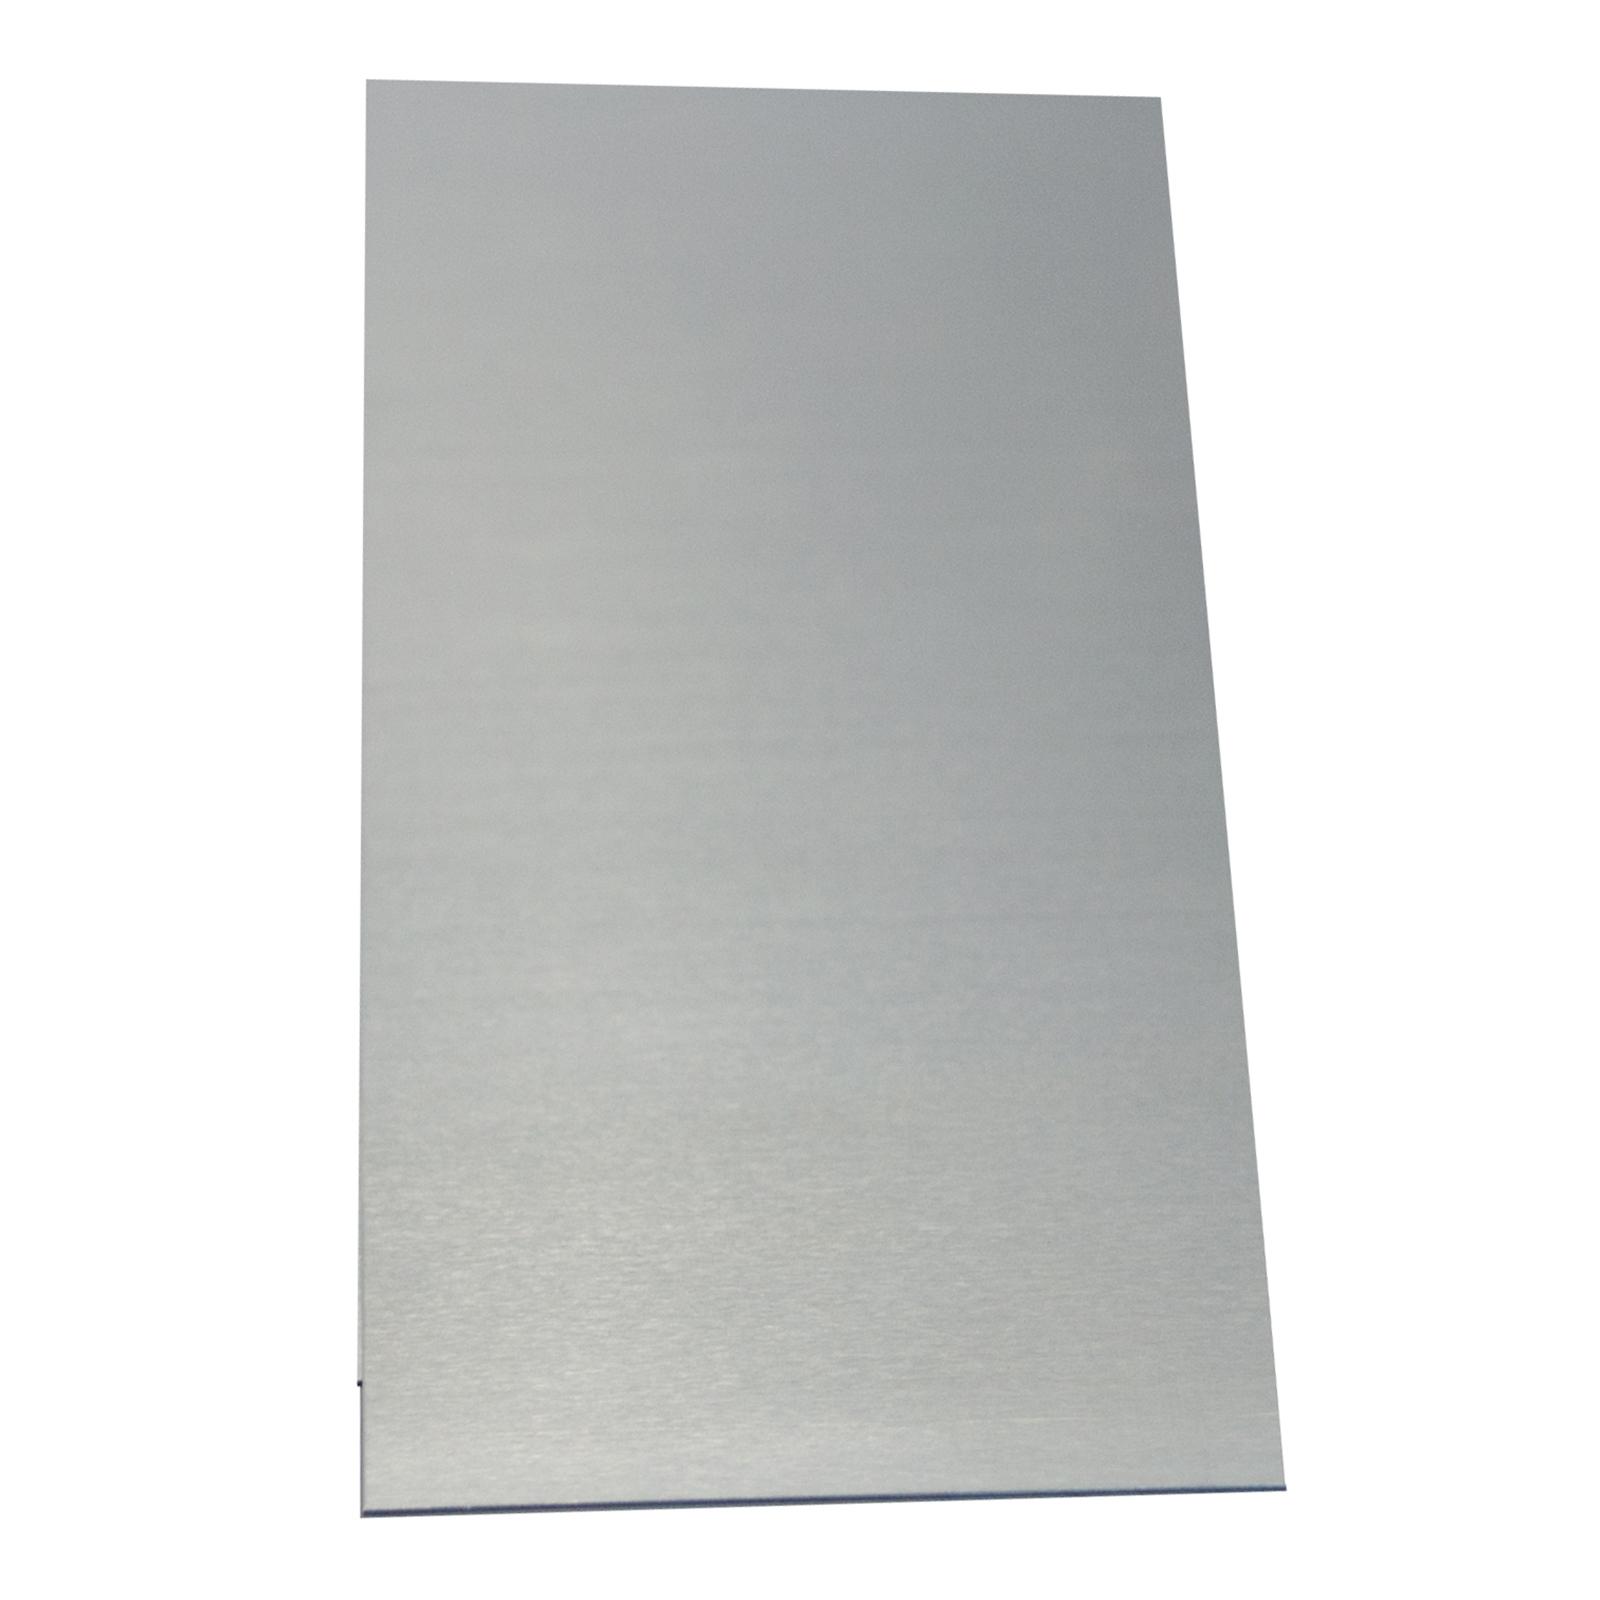 Metal Mate 0.5 x 900 x 900mm Plain Aluminium Sheet